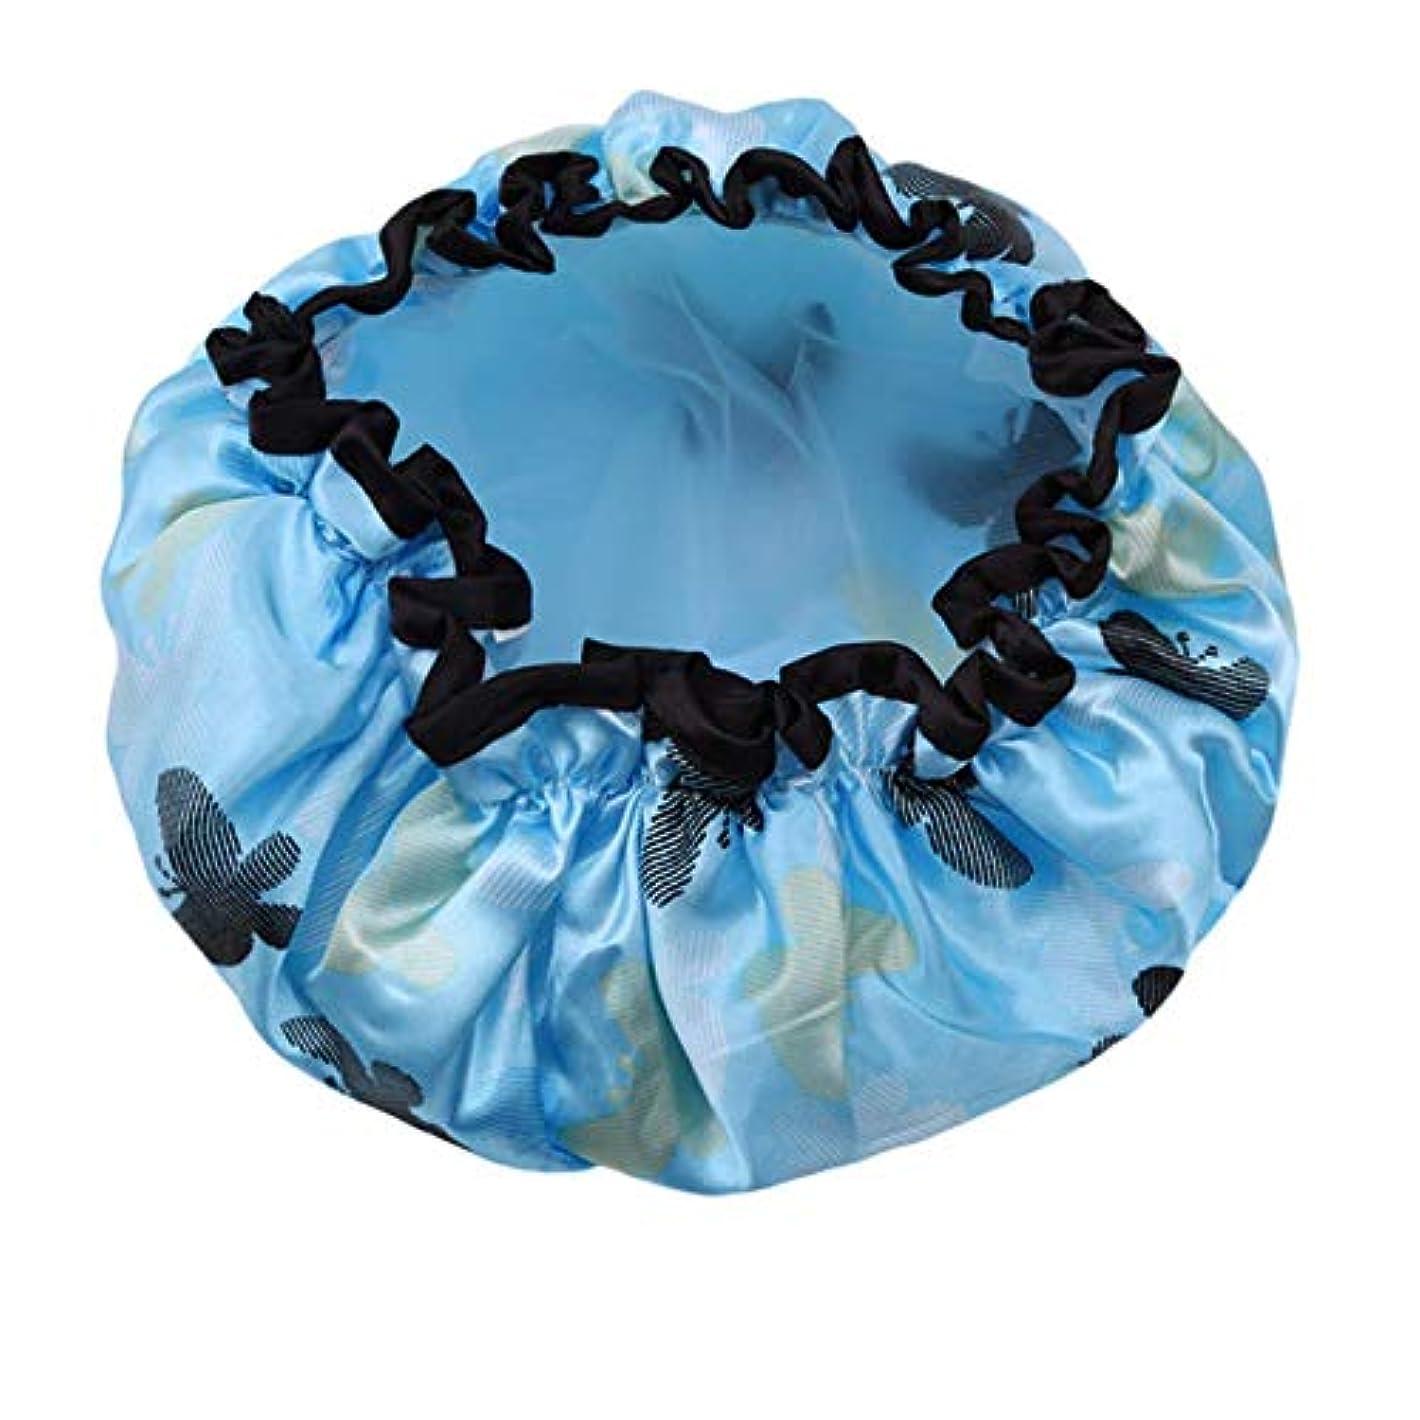 アリス混乱患者1st market プレミアム二層バスキャップエラスティックバンドシャワー帽子防水女性用シャワースパスタイル3